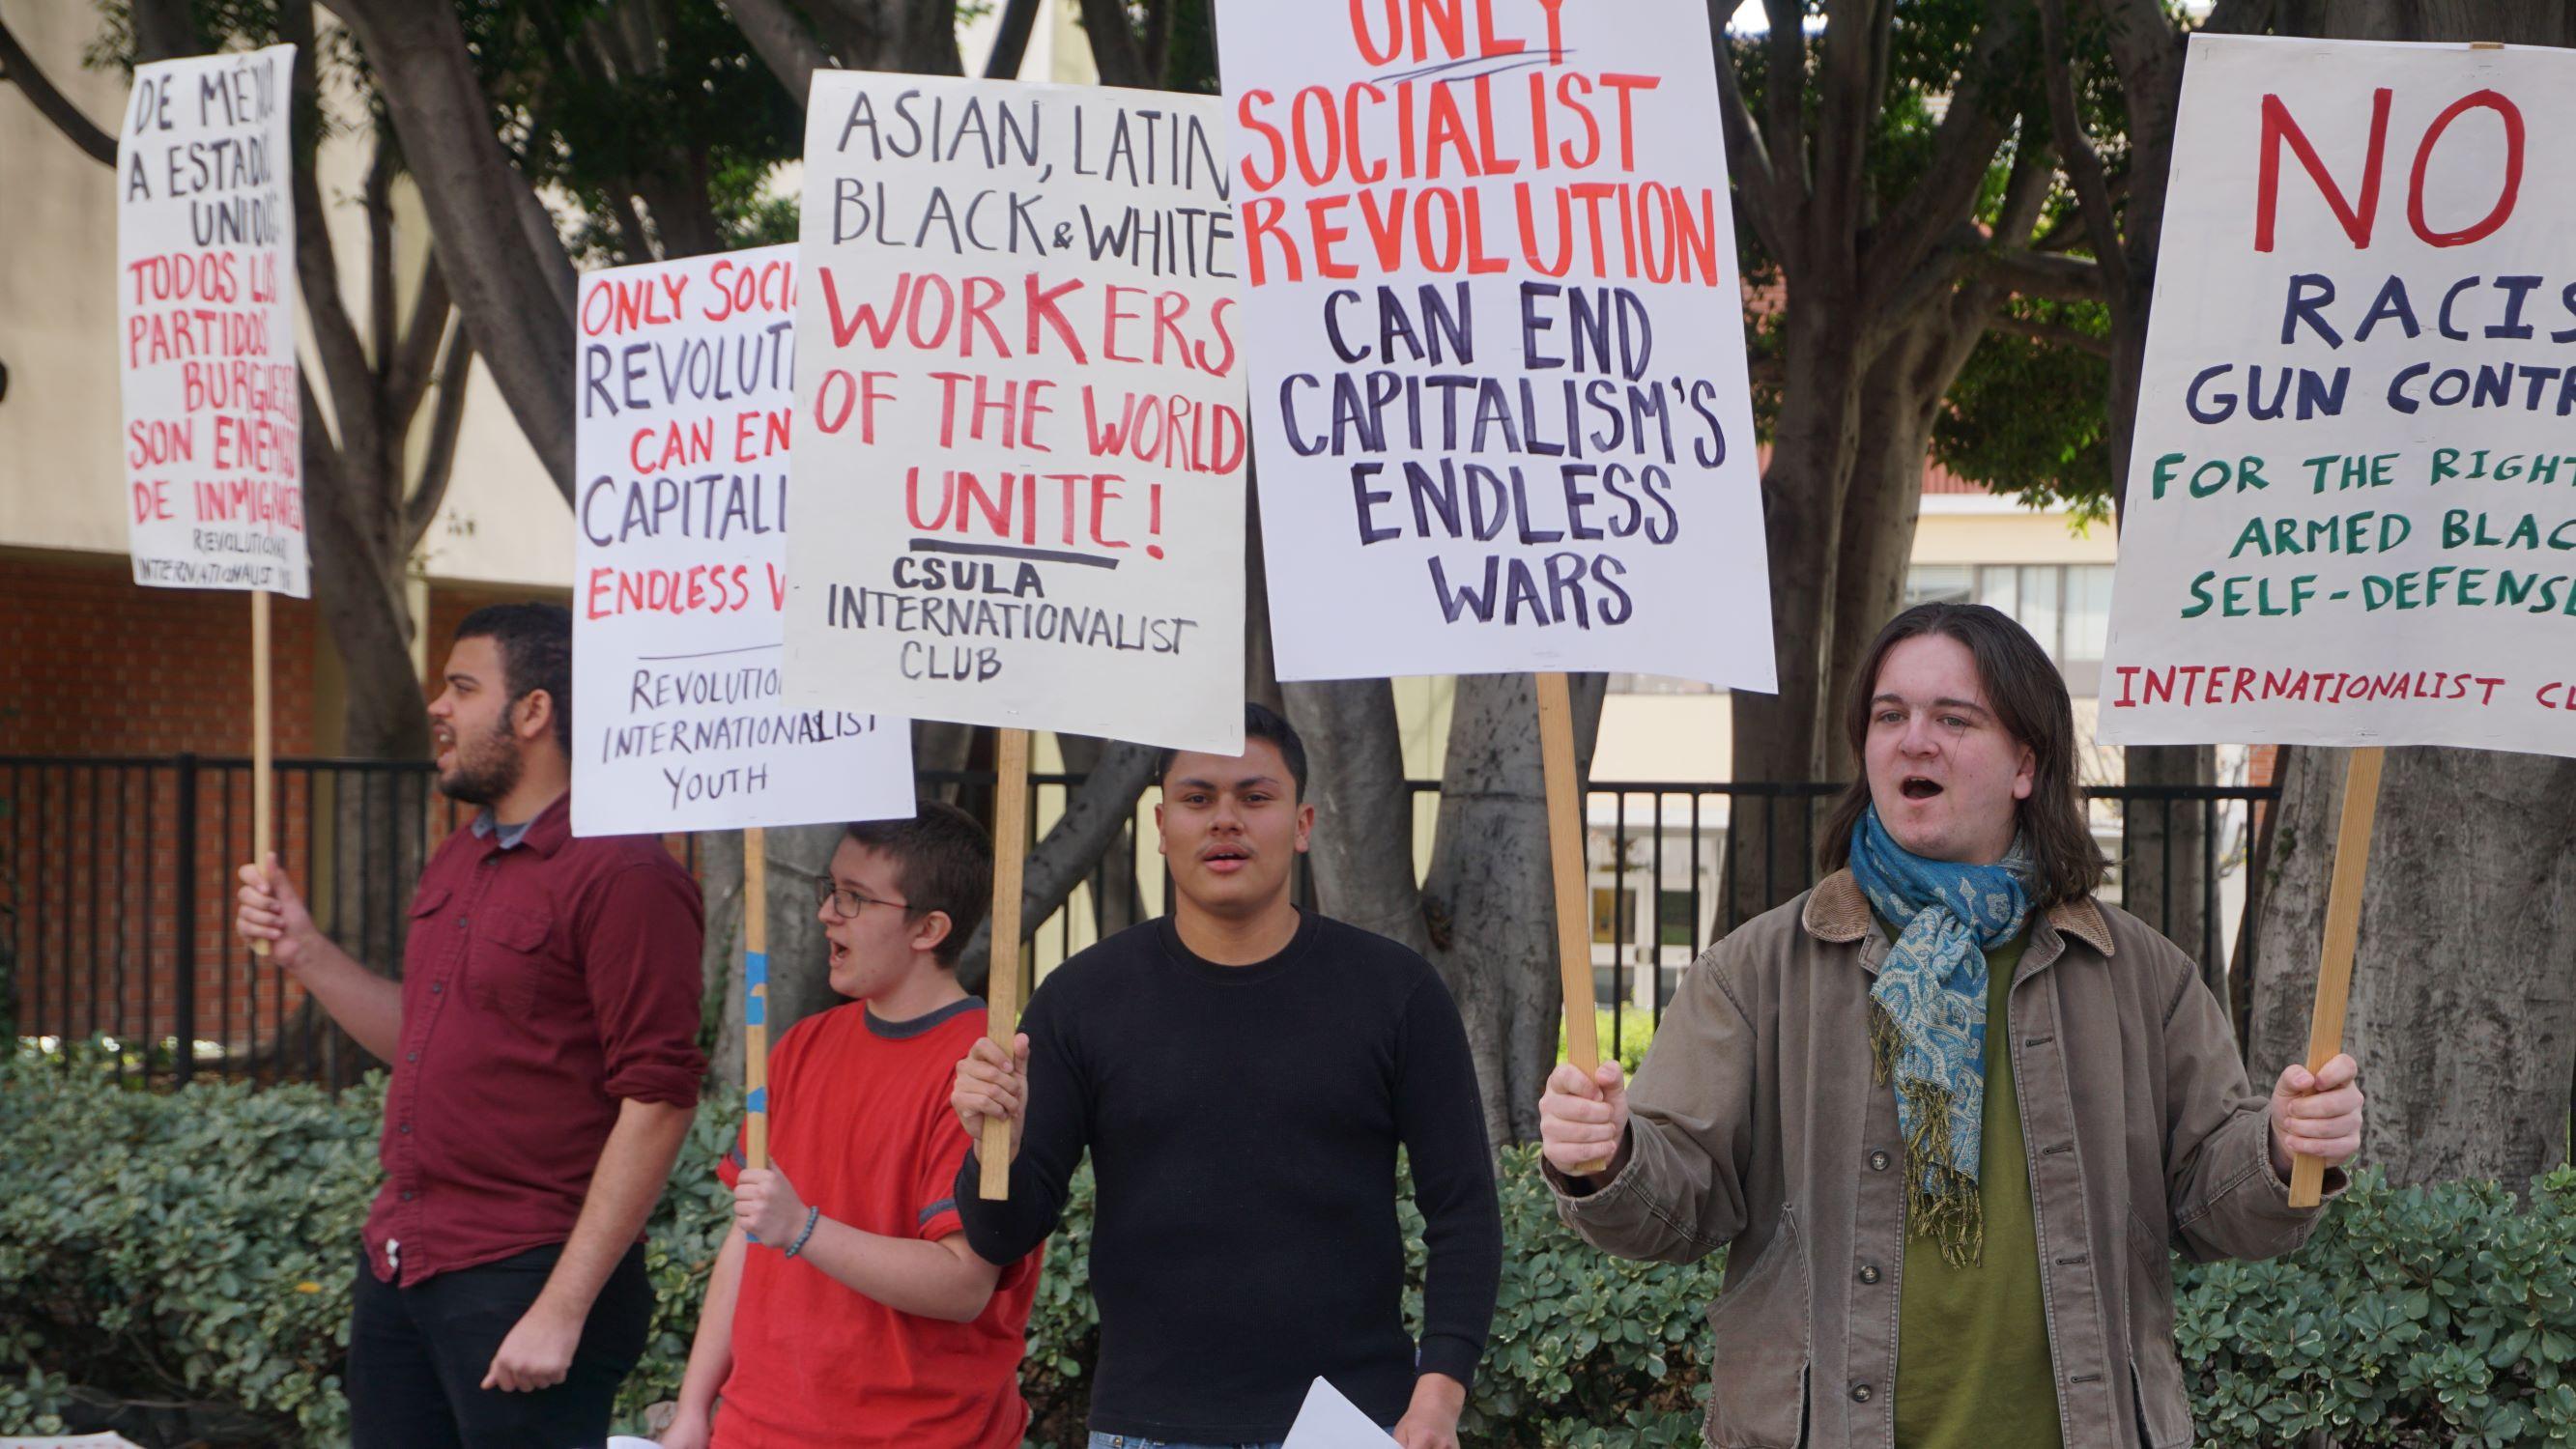 Американский Дневник: долгожданный диплом, социалисты и толерантность